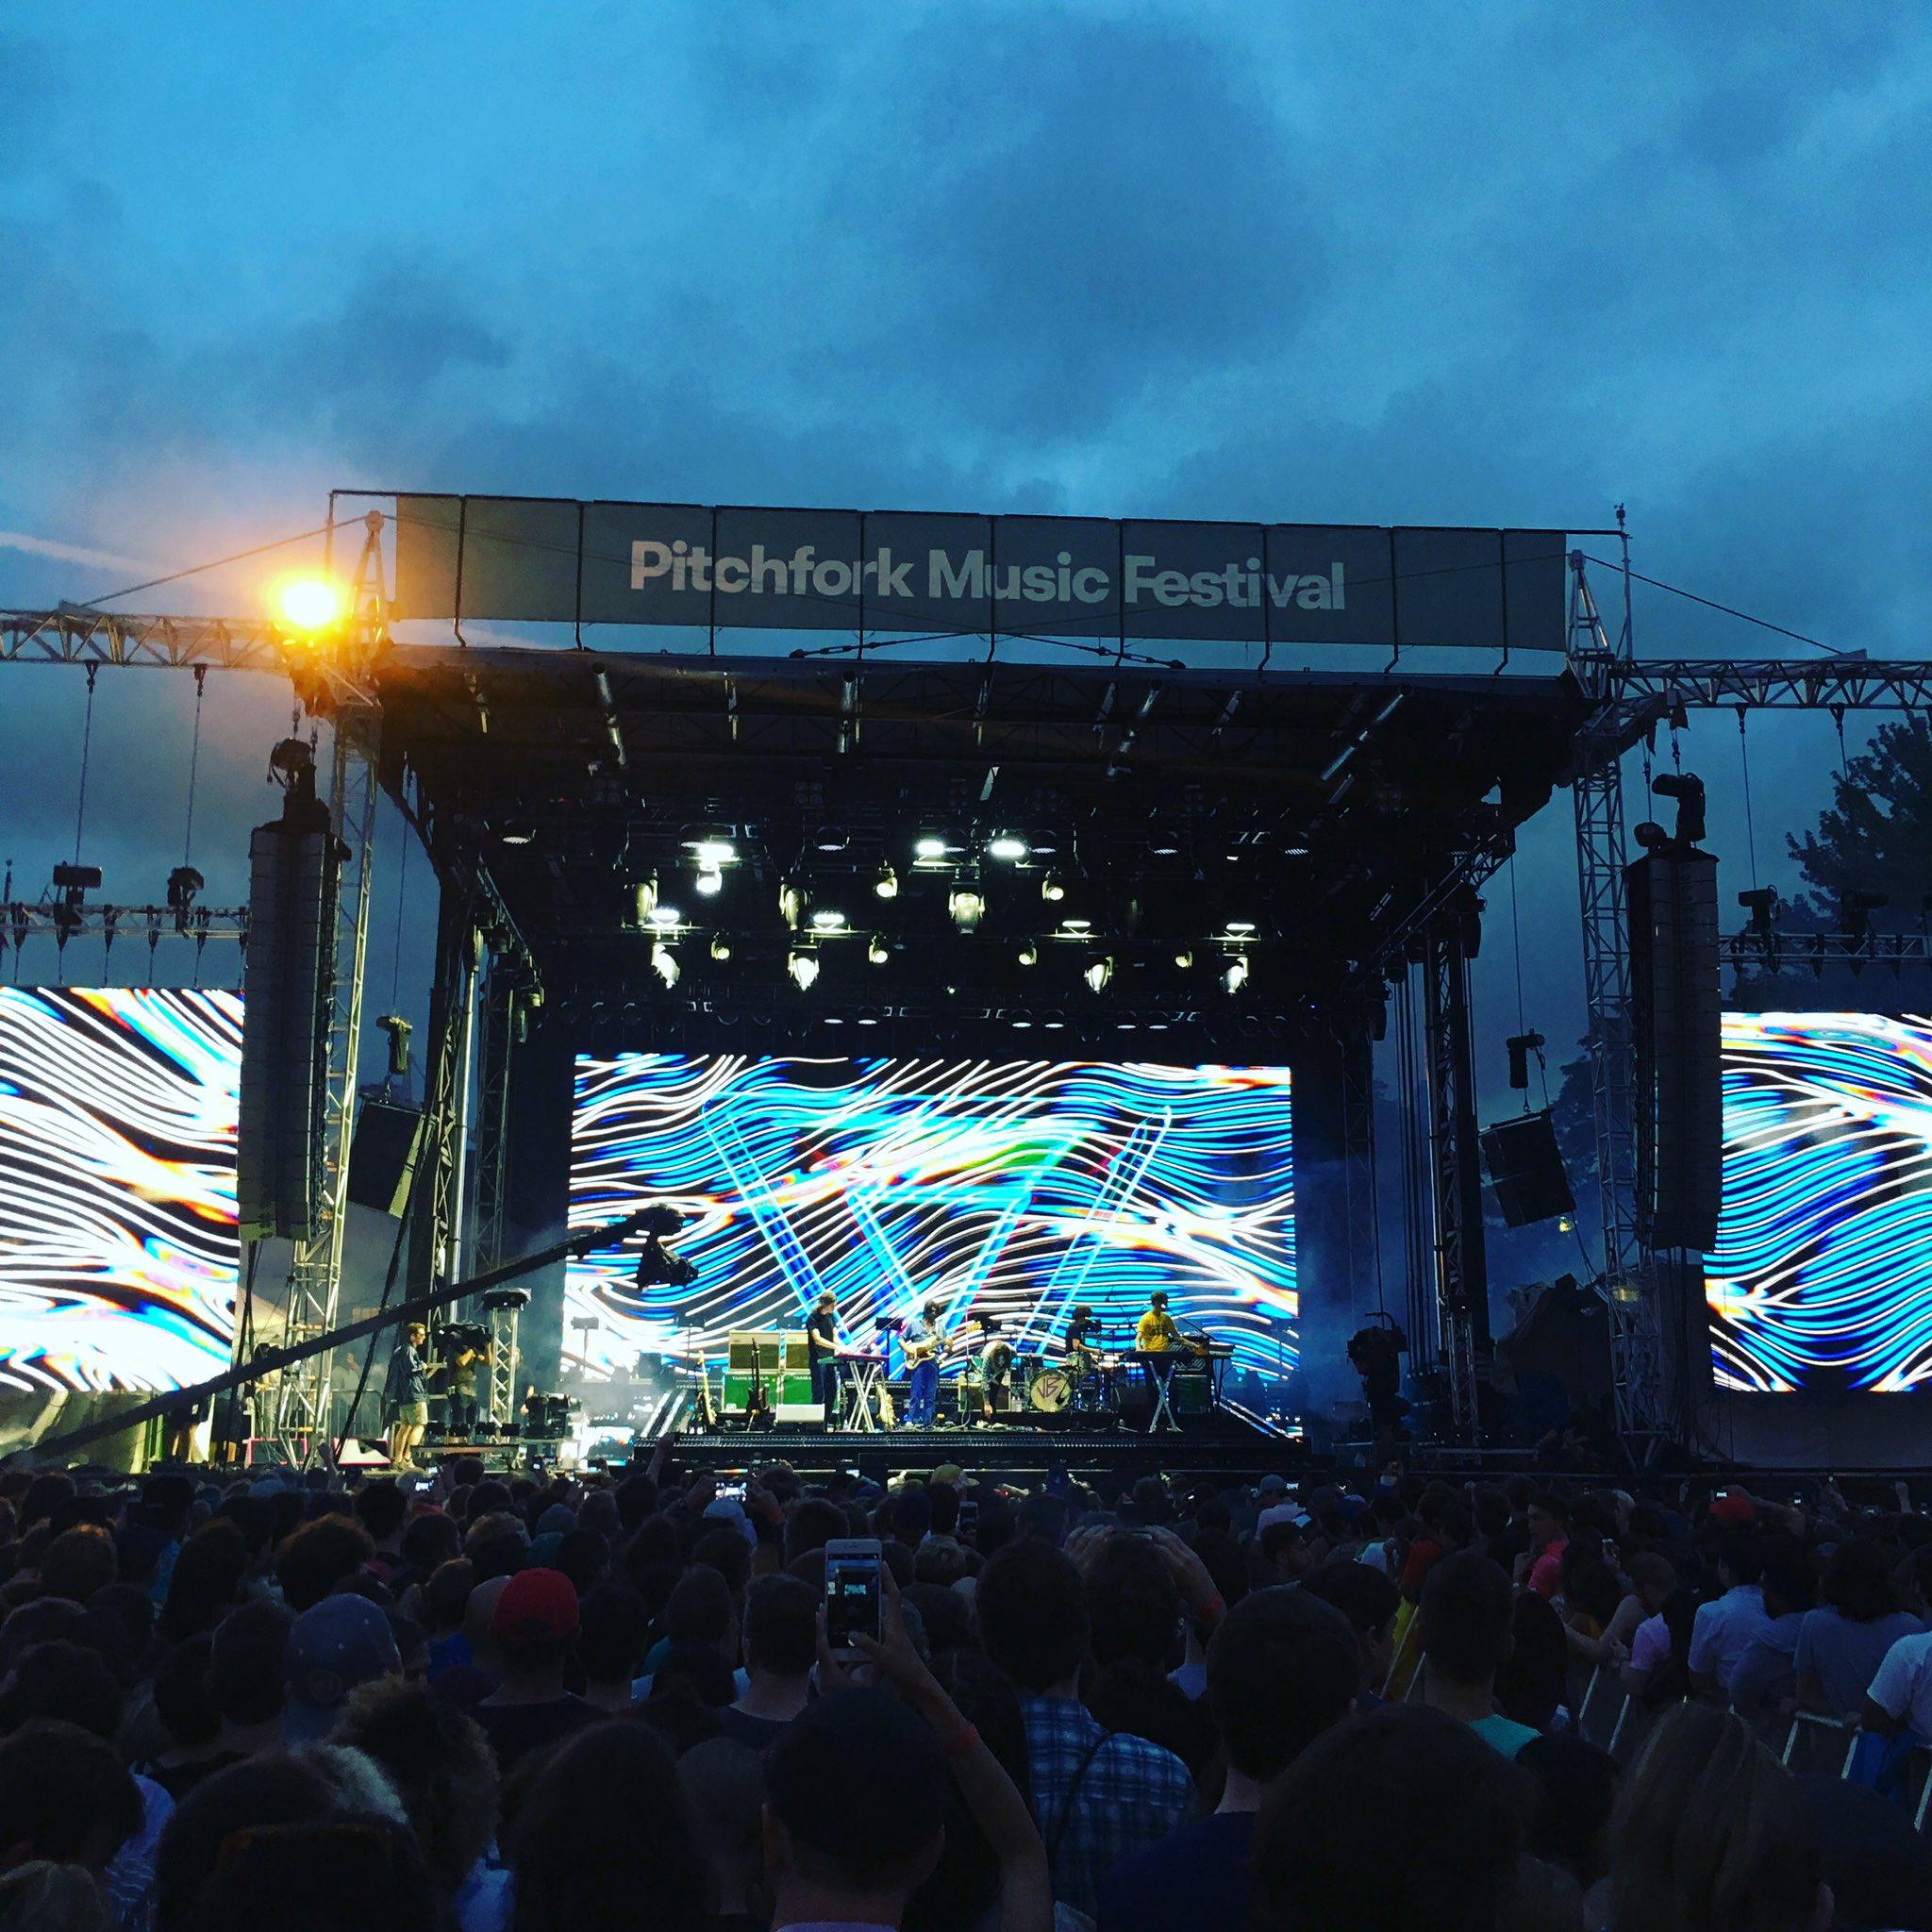 Pitchfork Music Festival 2020